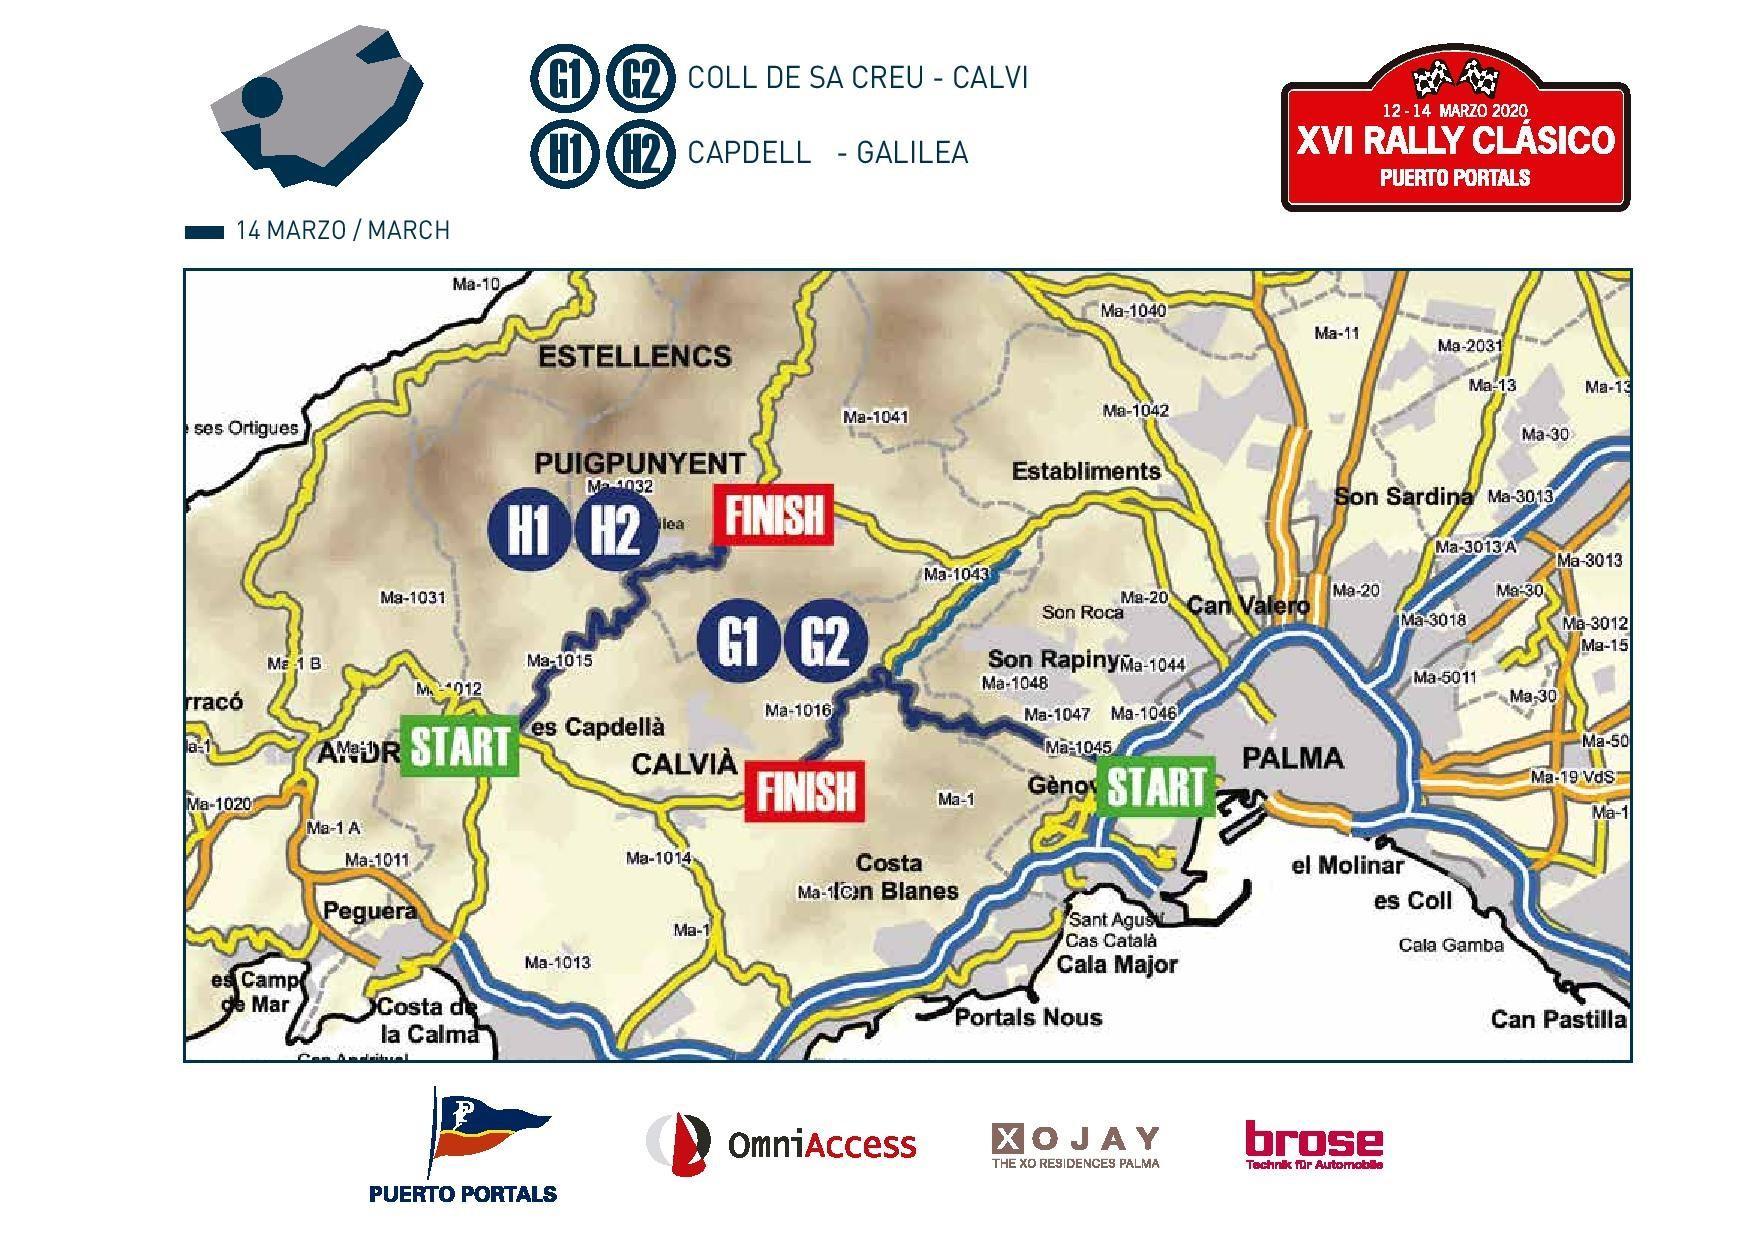 Saturday's route